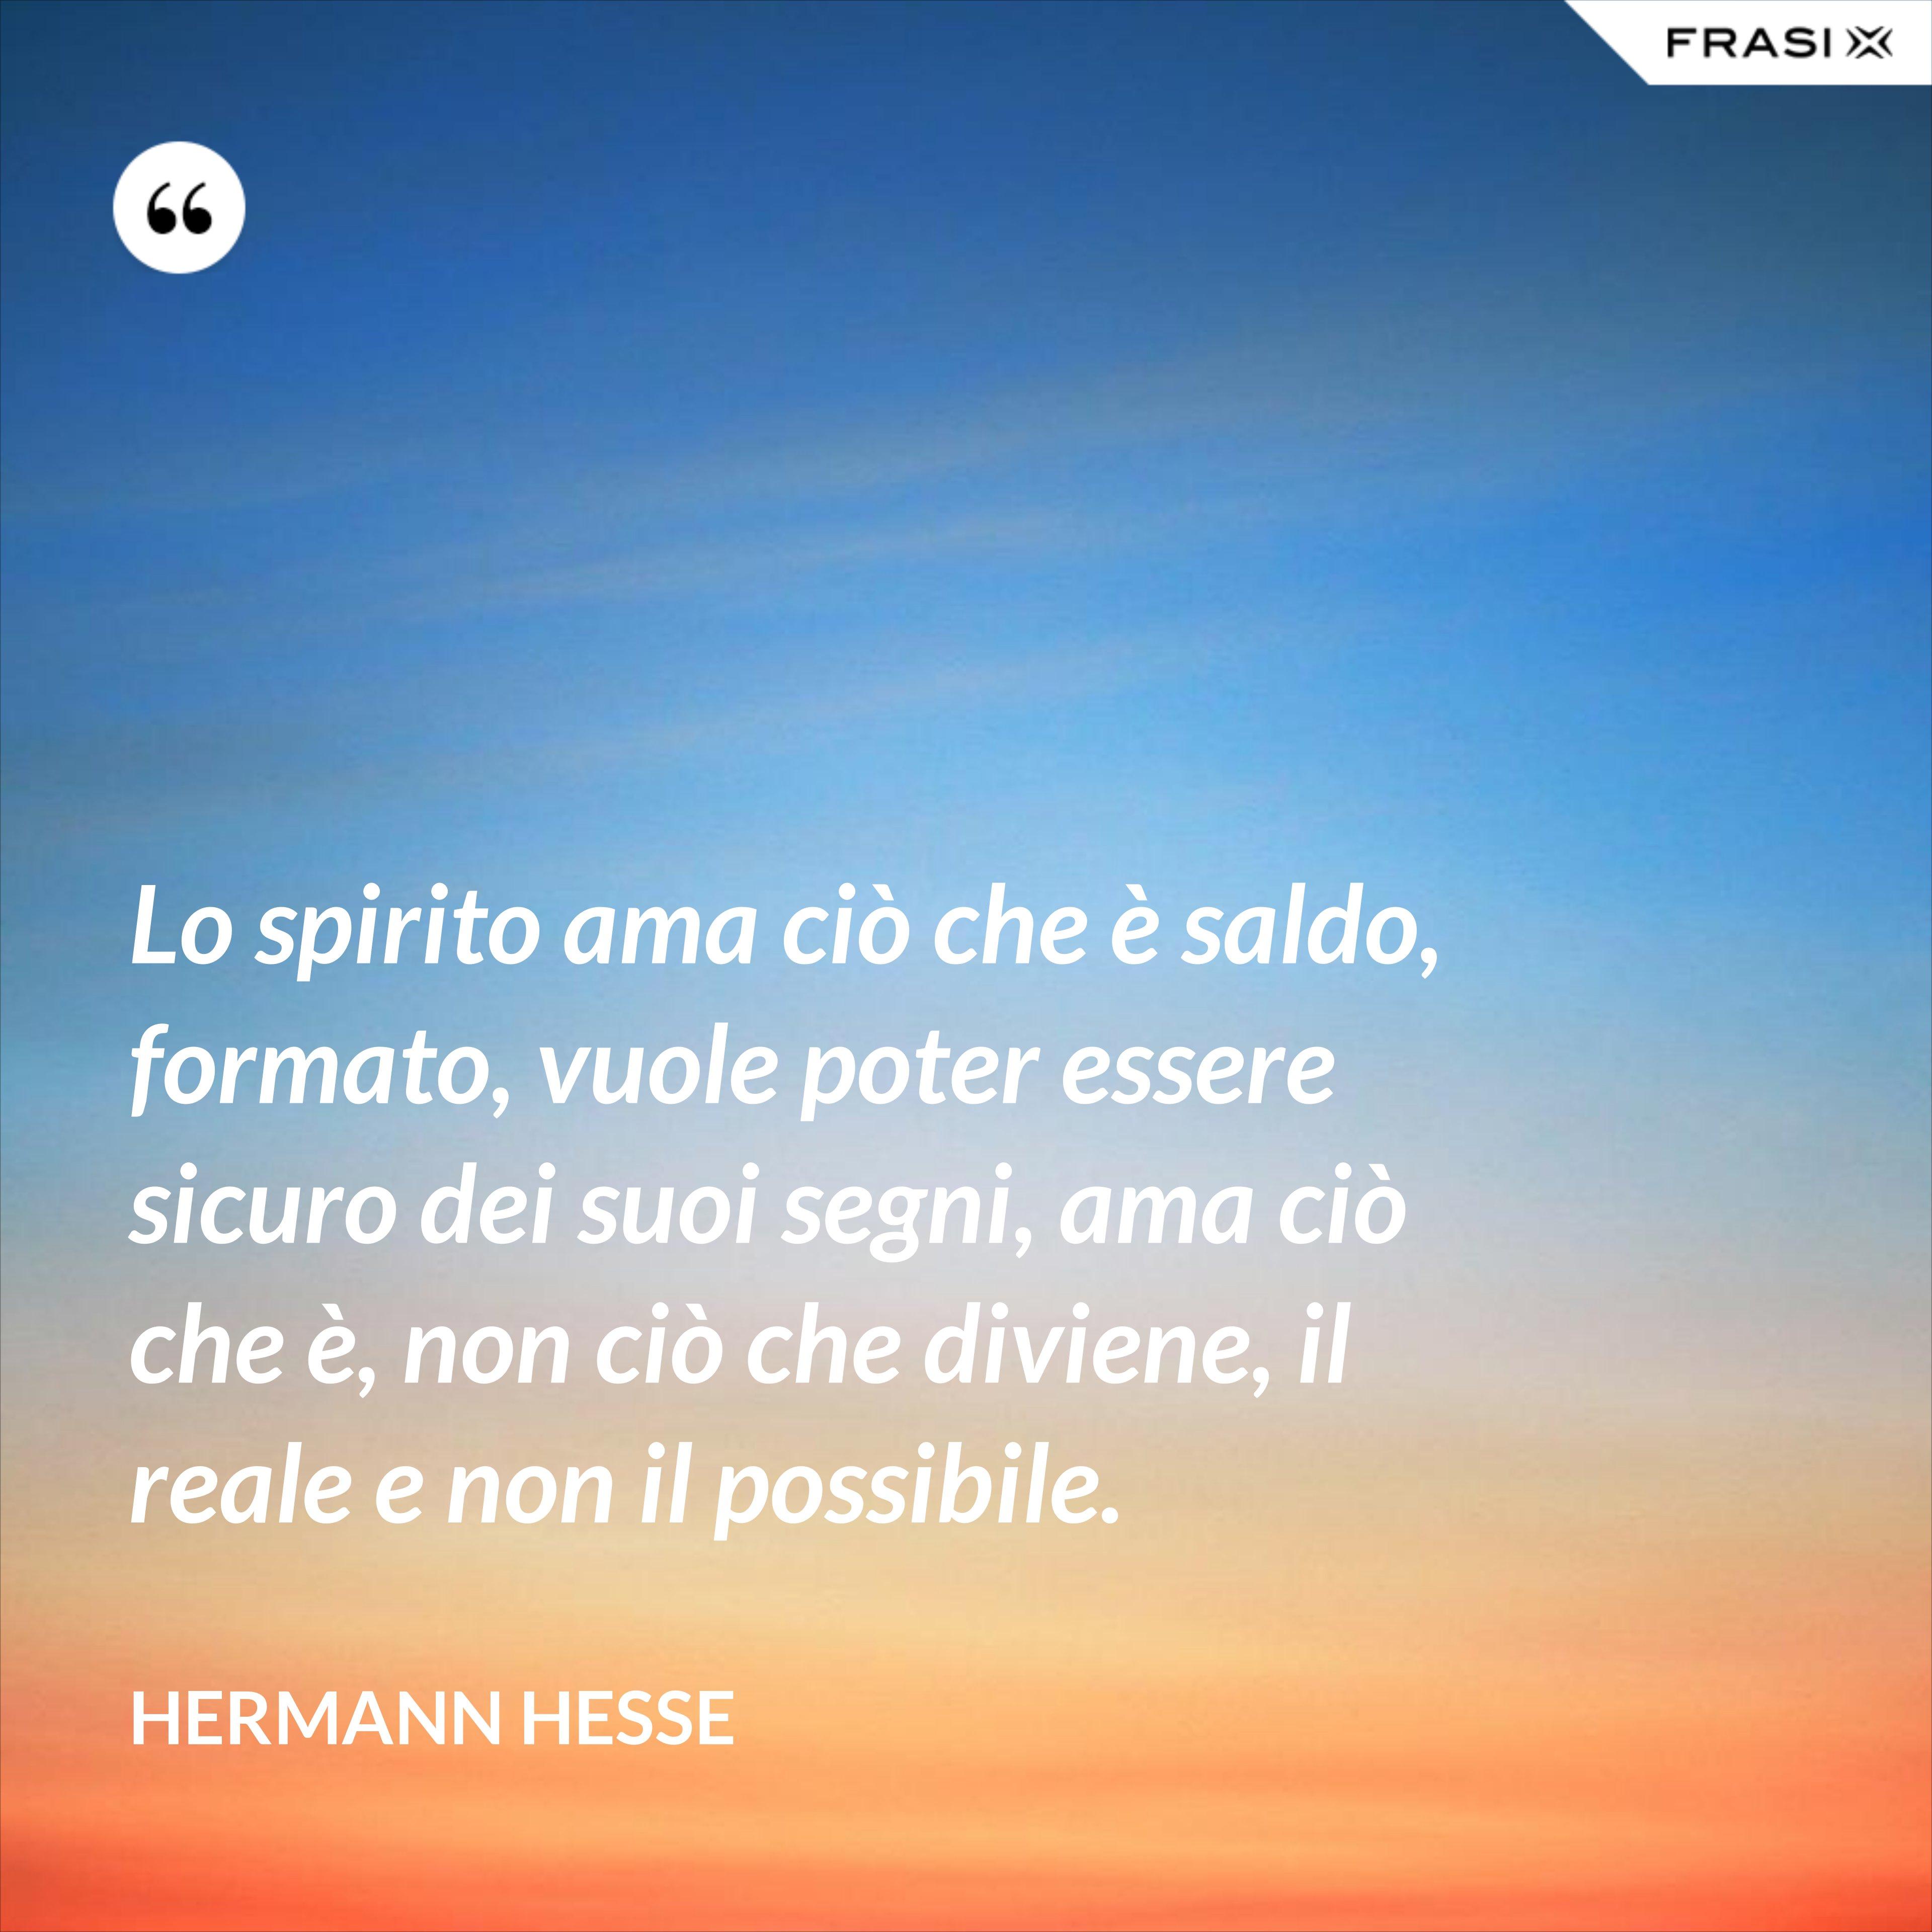 Lo spirito ama ciò che è saldo, formato, vuole poter essere sicuro dei suoi segni, ama ciò che è, non ciò che diviene, il reale e non il possibile. - Hermann Hesse